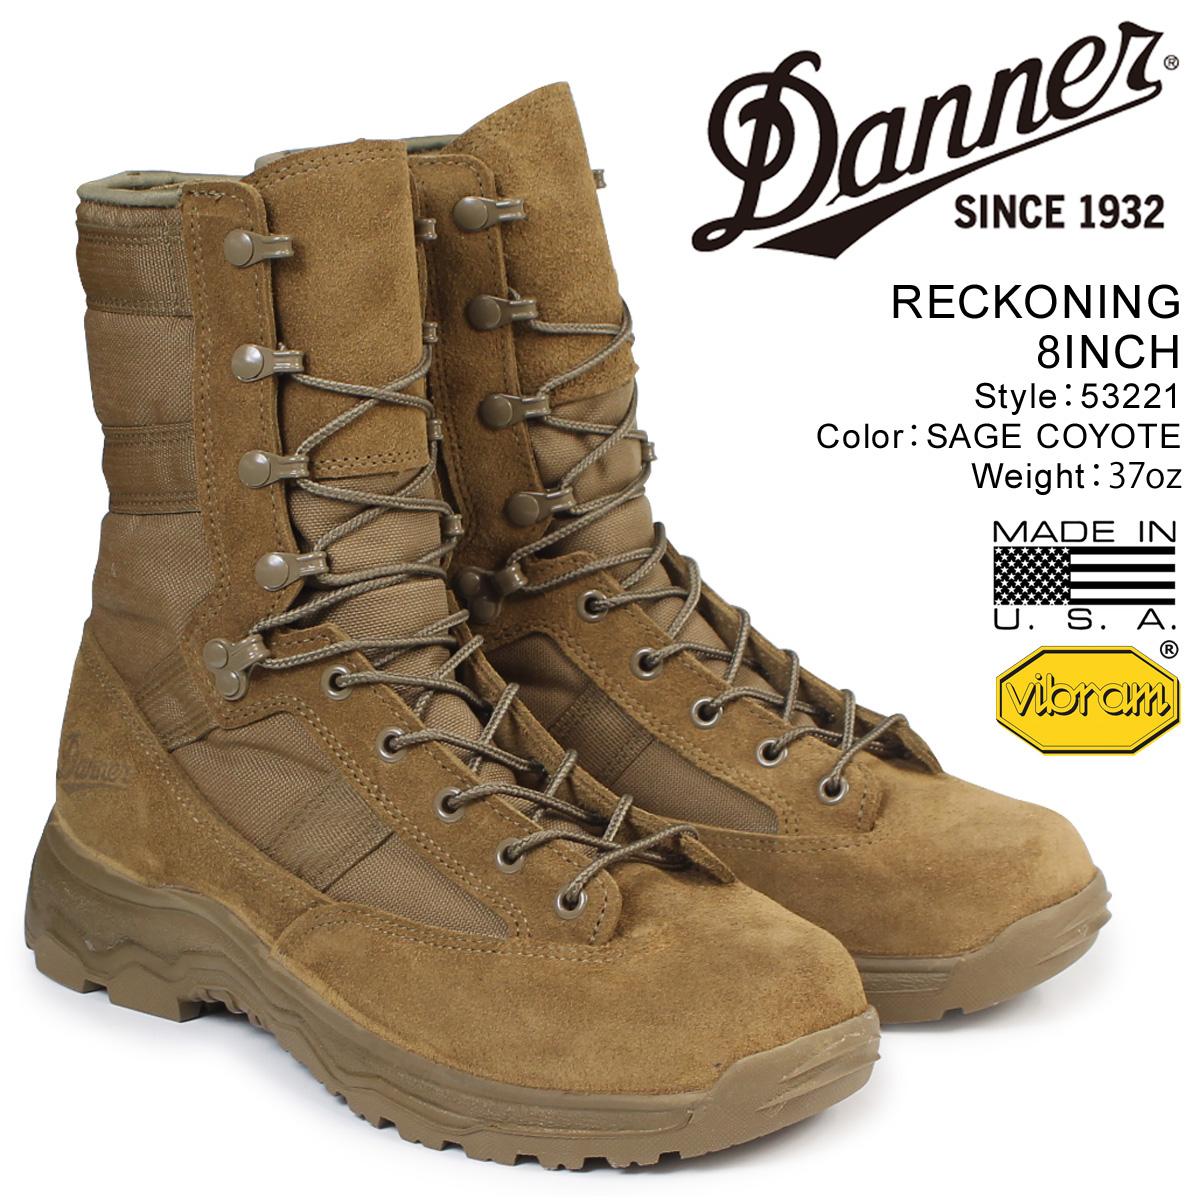 【最大2000円OFFクーポン】 ダナー Danner ブーツ RECKONING 8INCH 53221 メンズ ブラウン